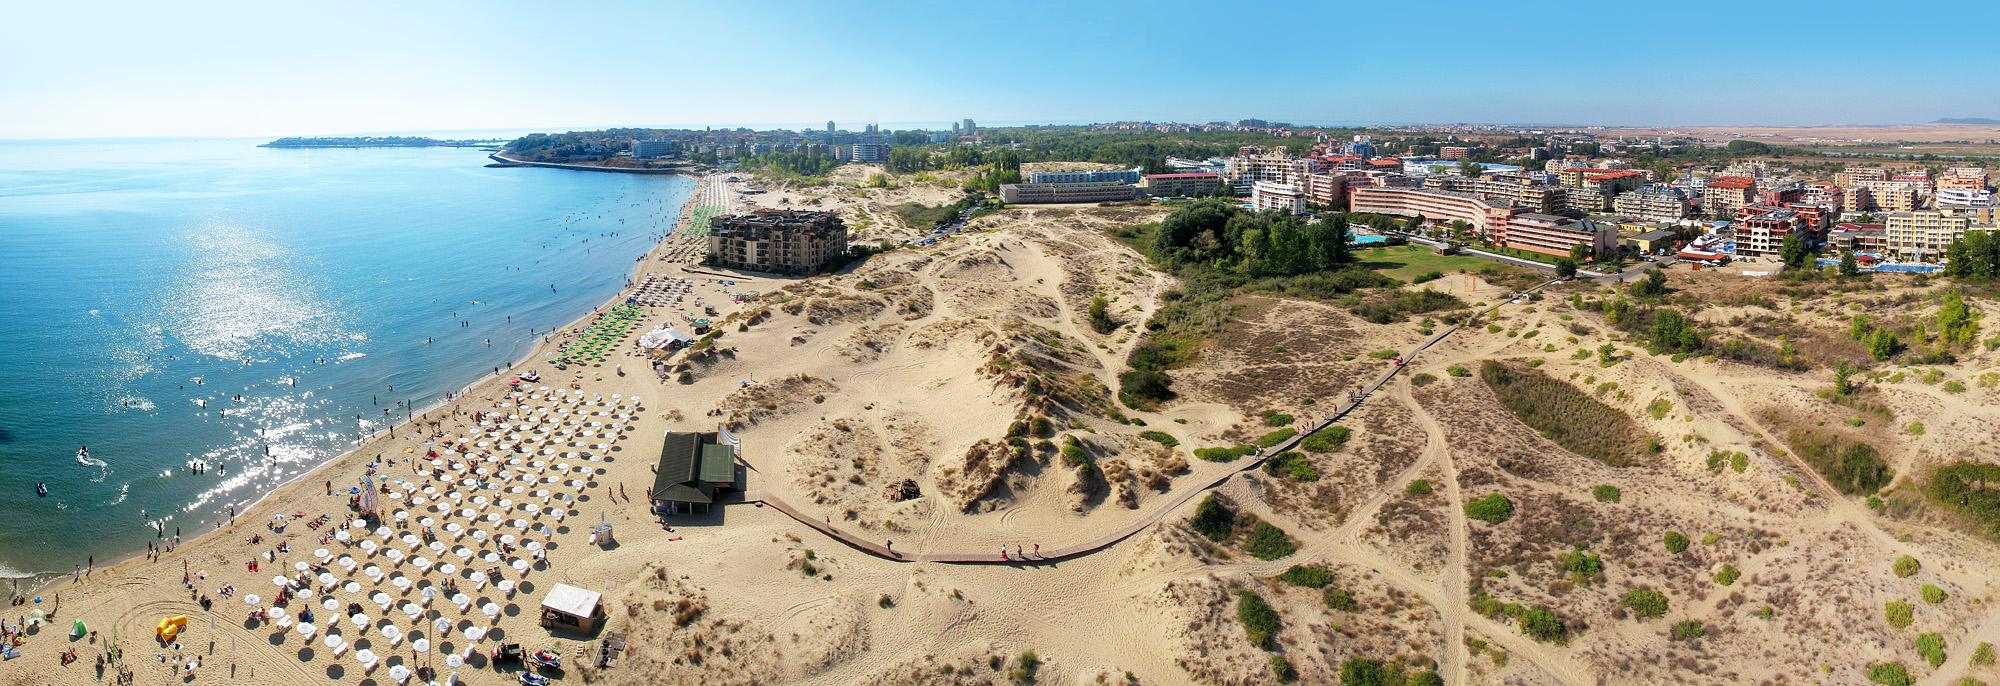 Hotel Zefir Beach Adrebe